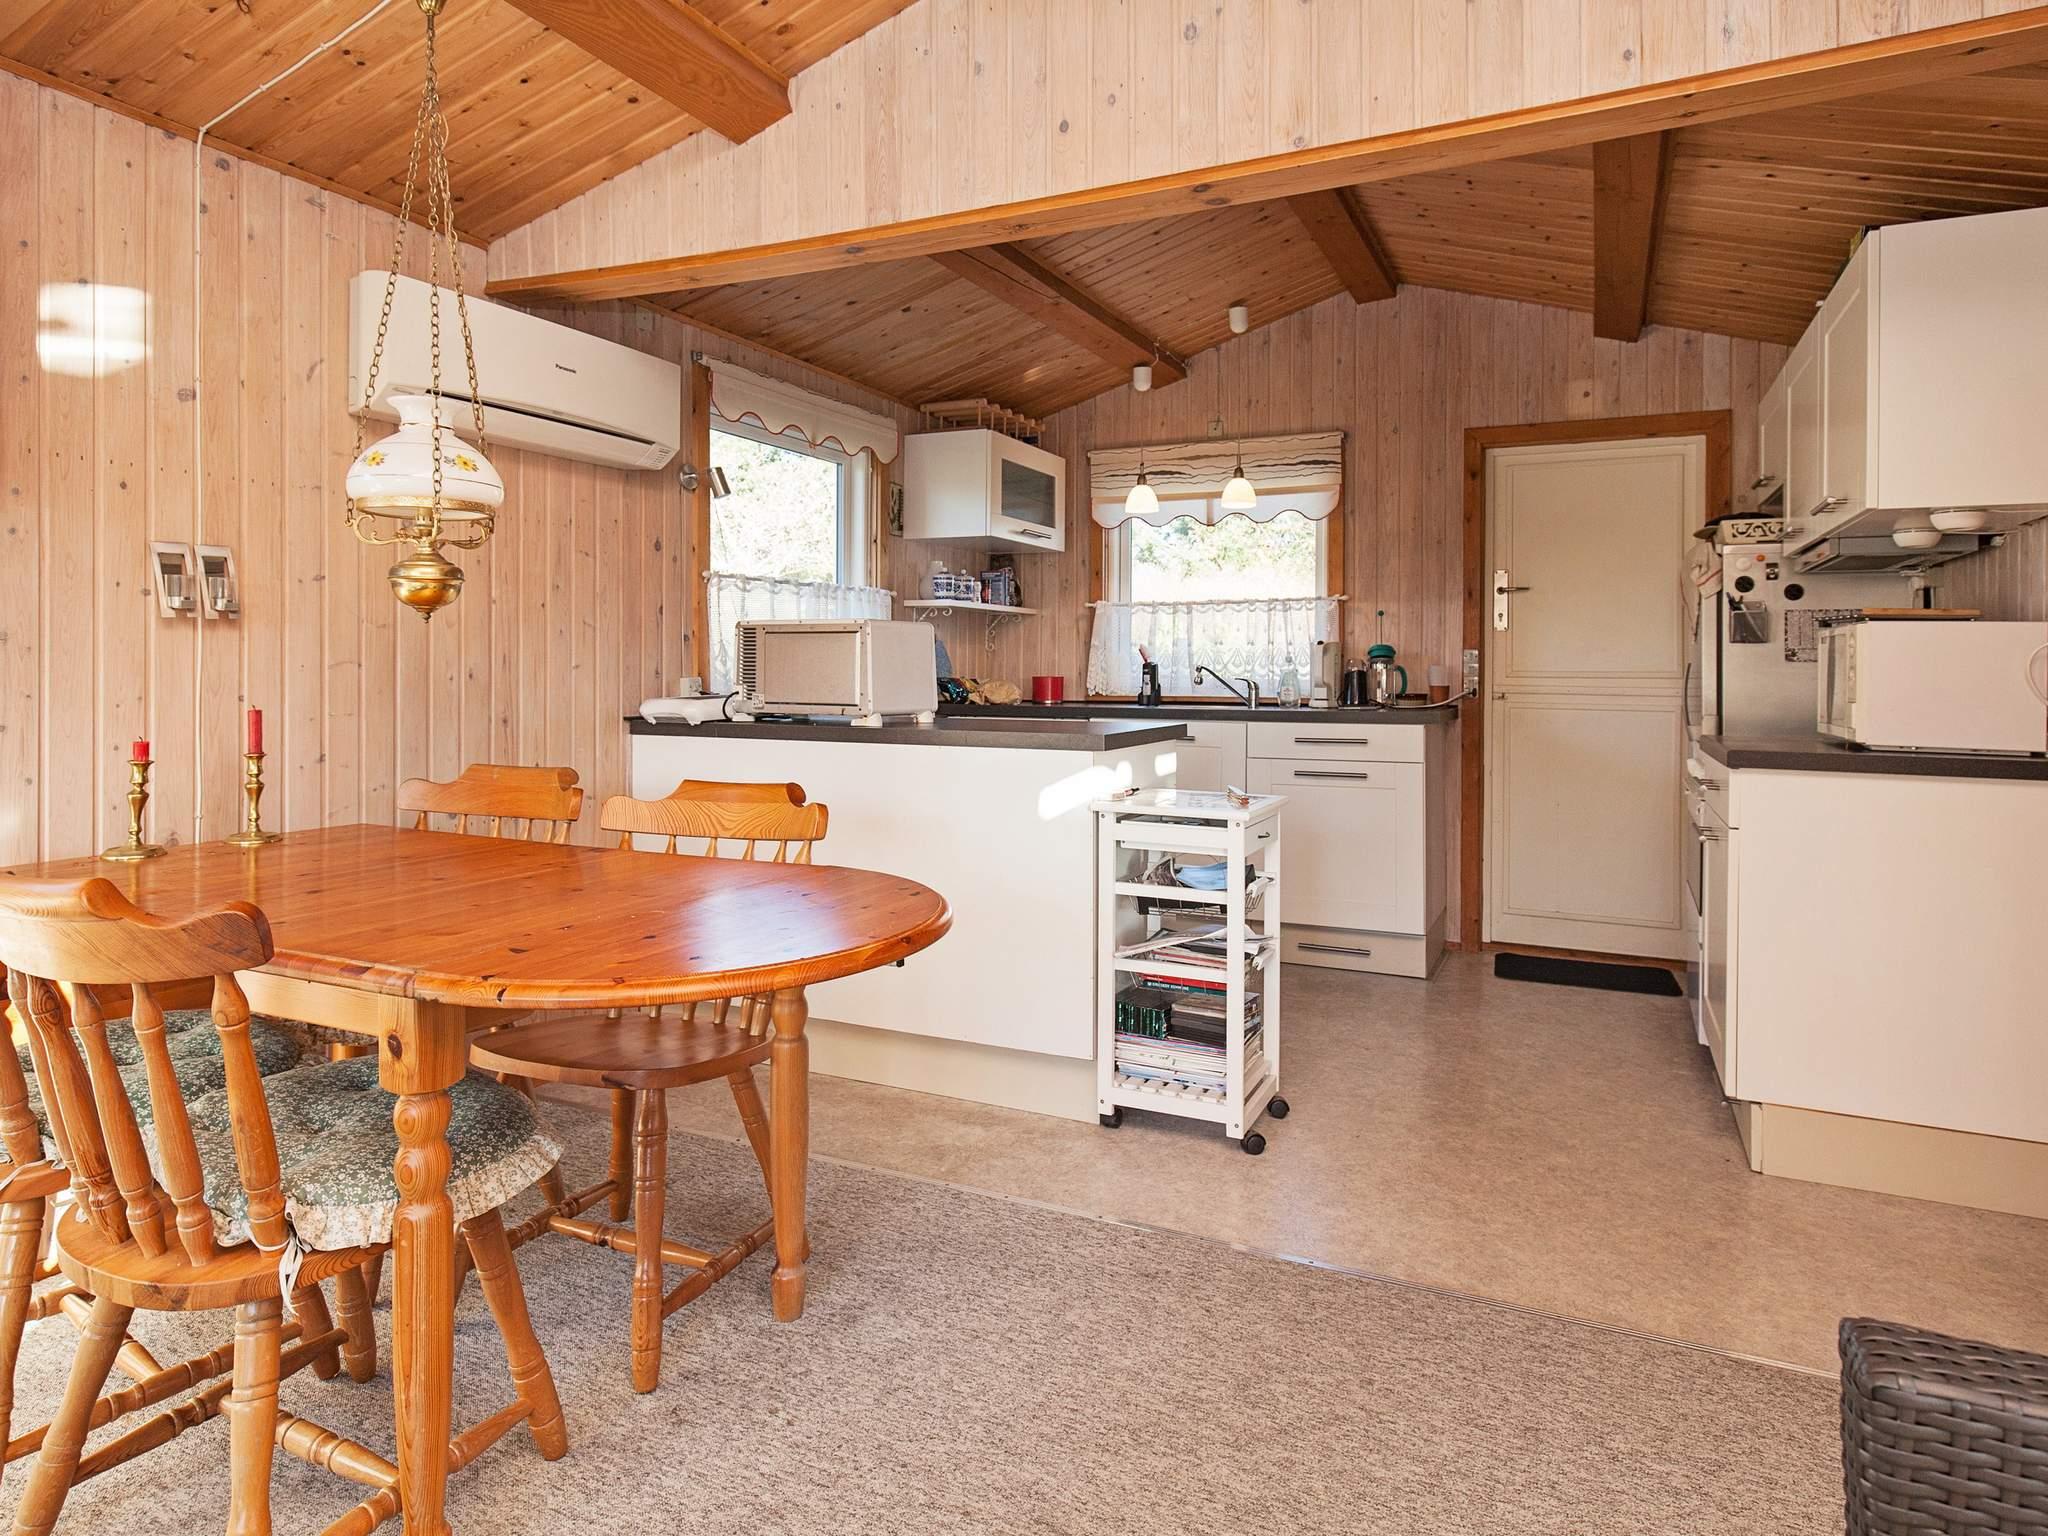 Ferienhaus Udsholt Strand (2355111), Udsholt, , Nordseeland, Dänemark, Bild 4